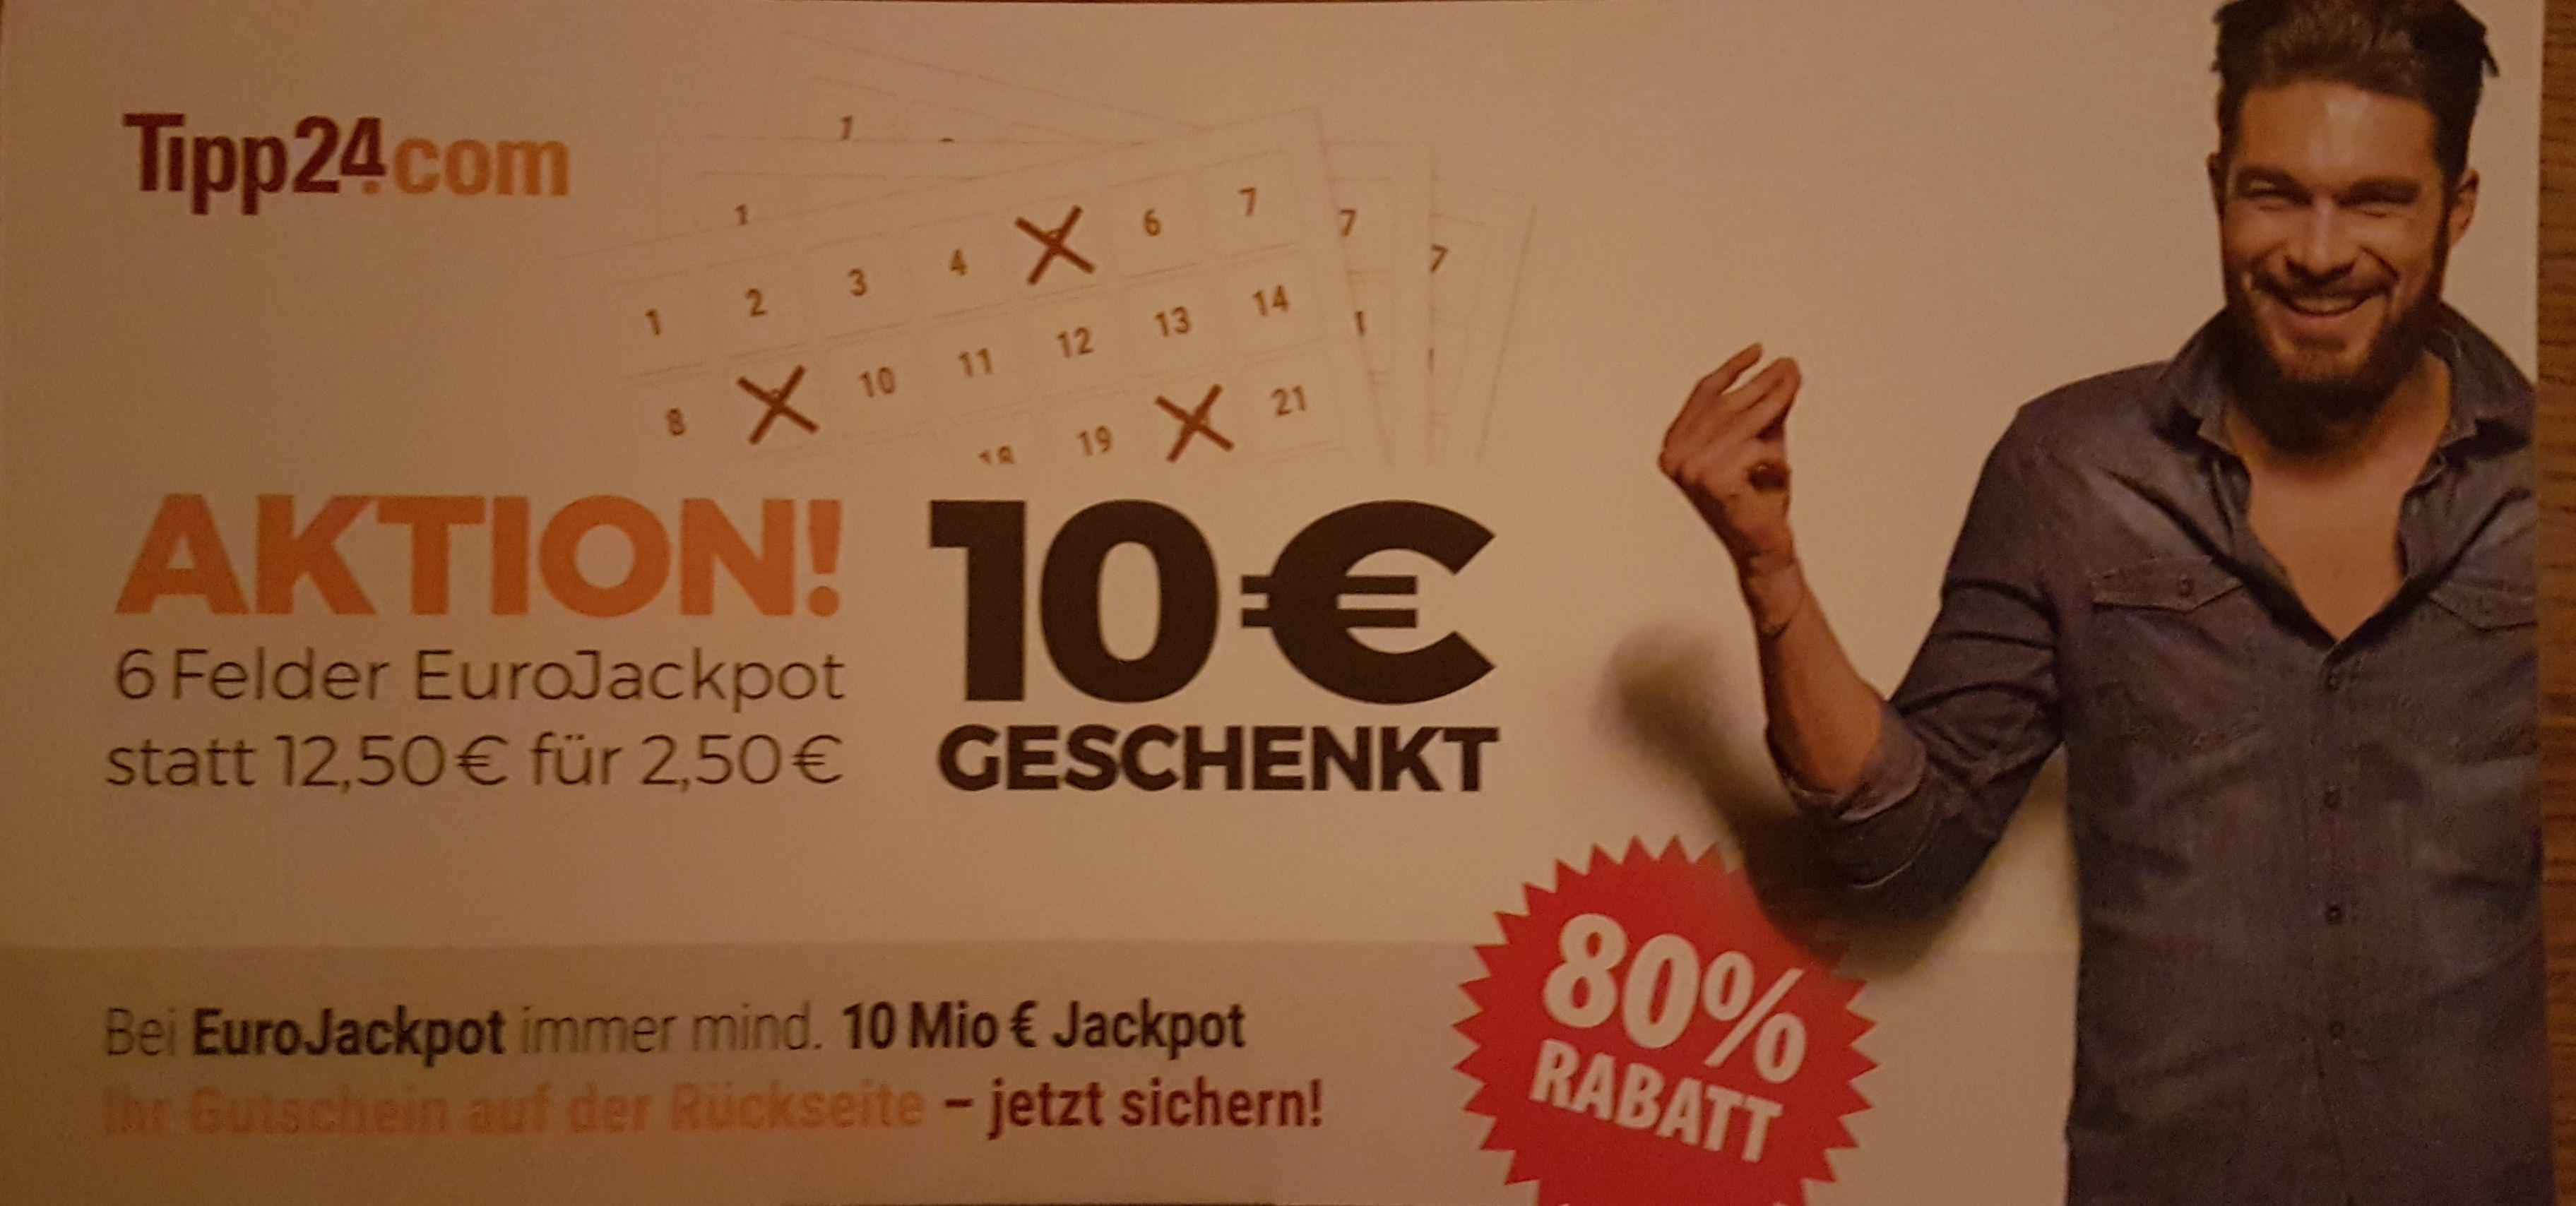 Neukunden 6 Felder Eurojackpot für 2,50€